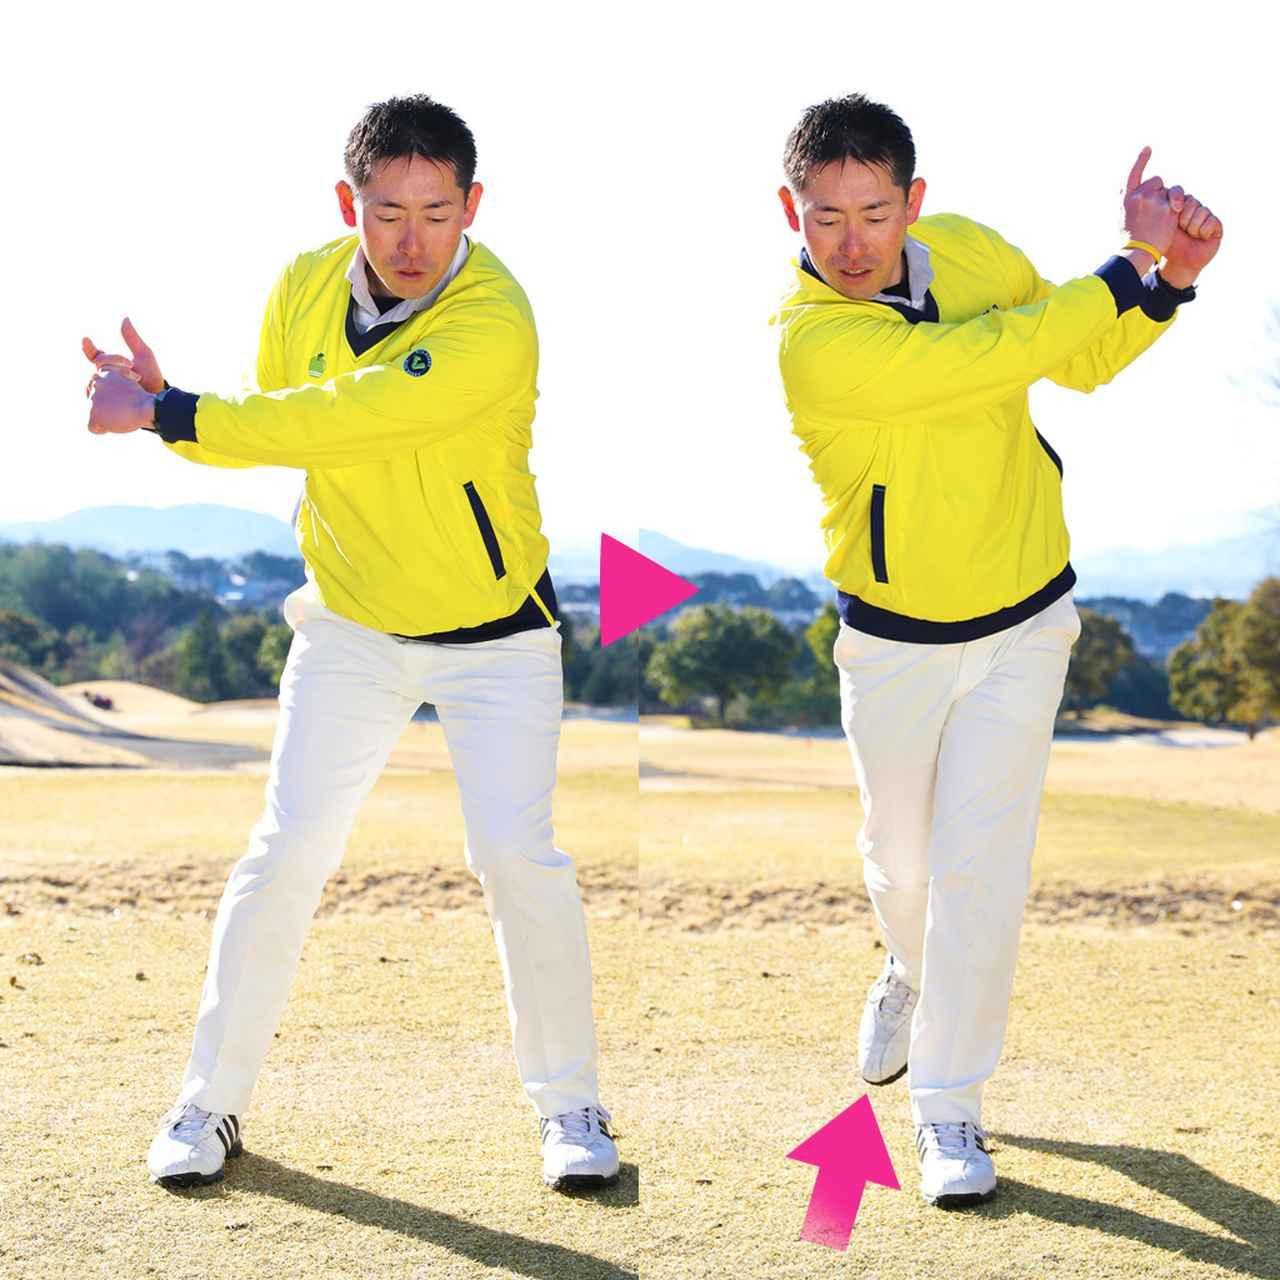 画像: 左ひざが伸びてヘッドが走る